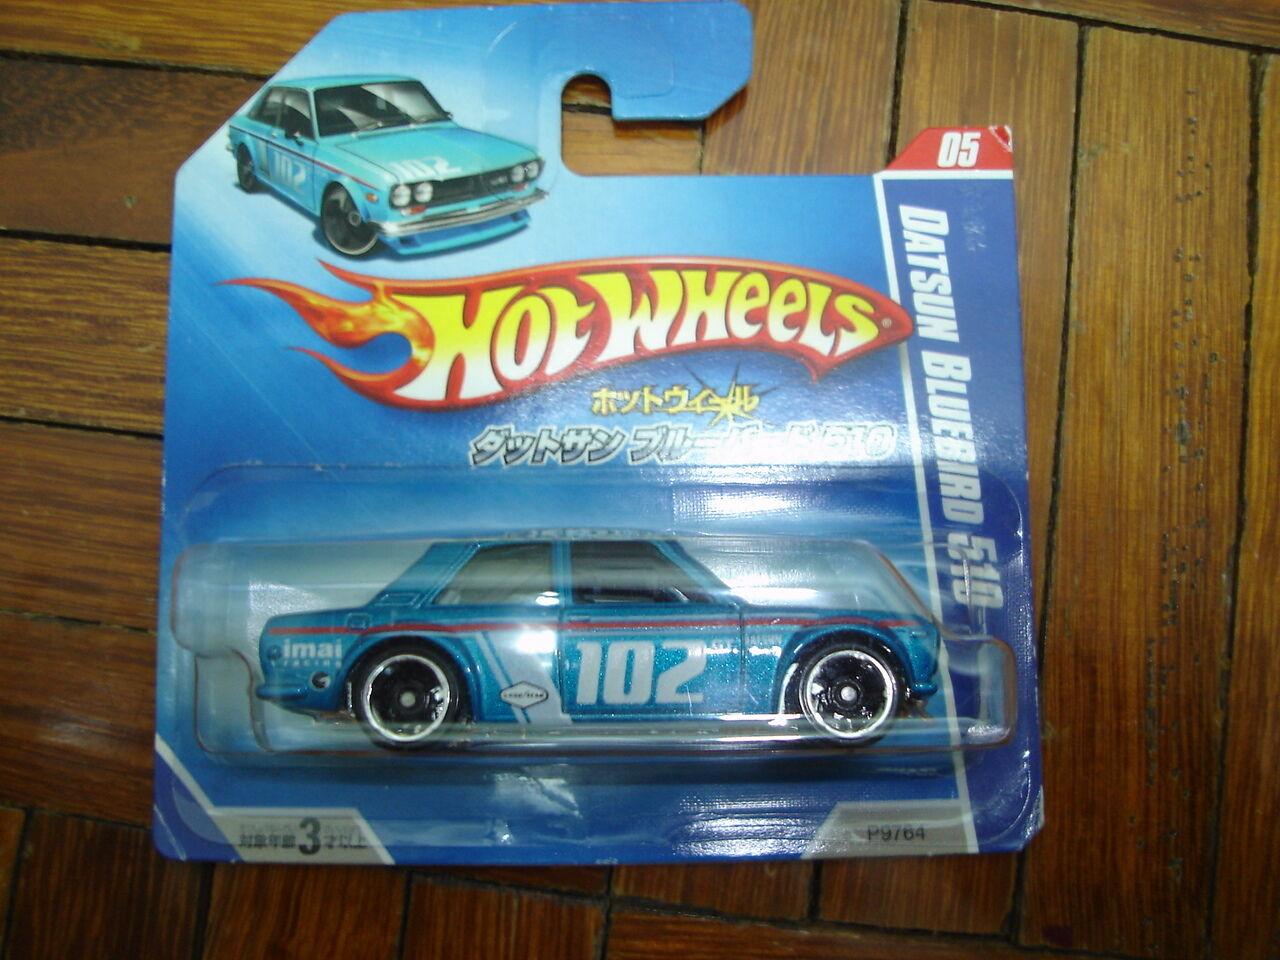 Hot Wheels Wheels Wheels Japon Carte très rare Datsun Bluebird 510 Première édition NEUF pas T HUNT | Magasiner  | Porter-résistance  ca53ad